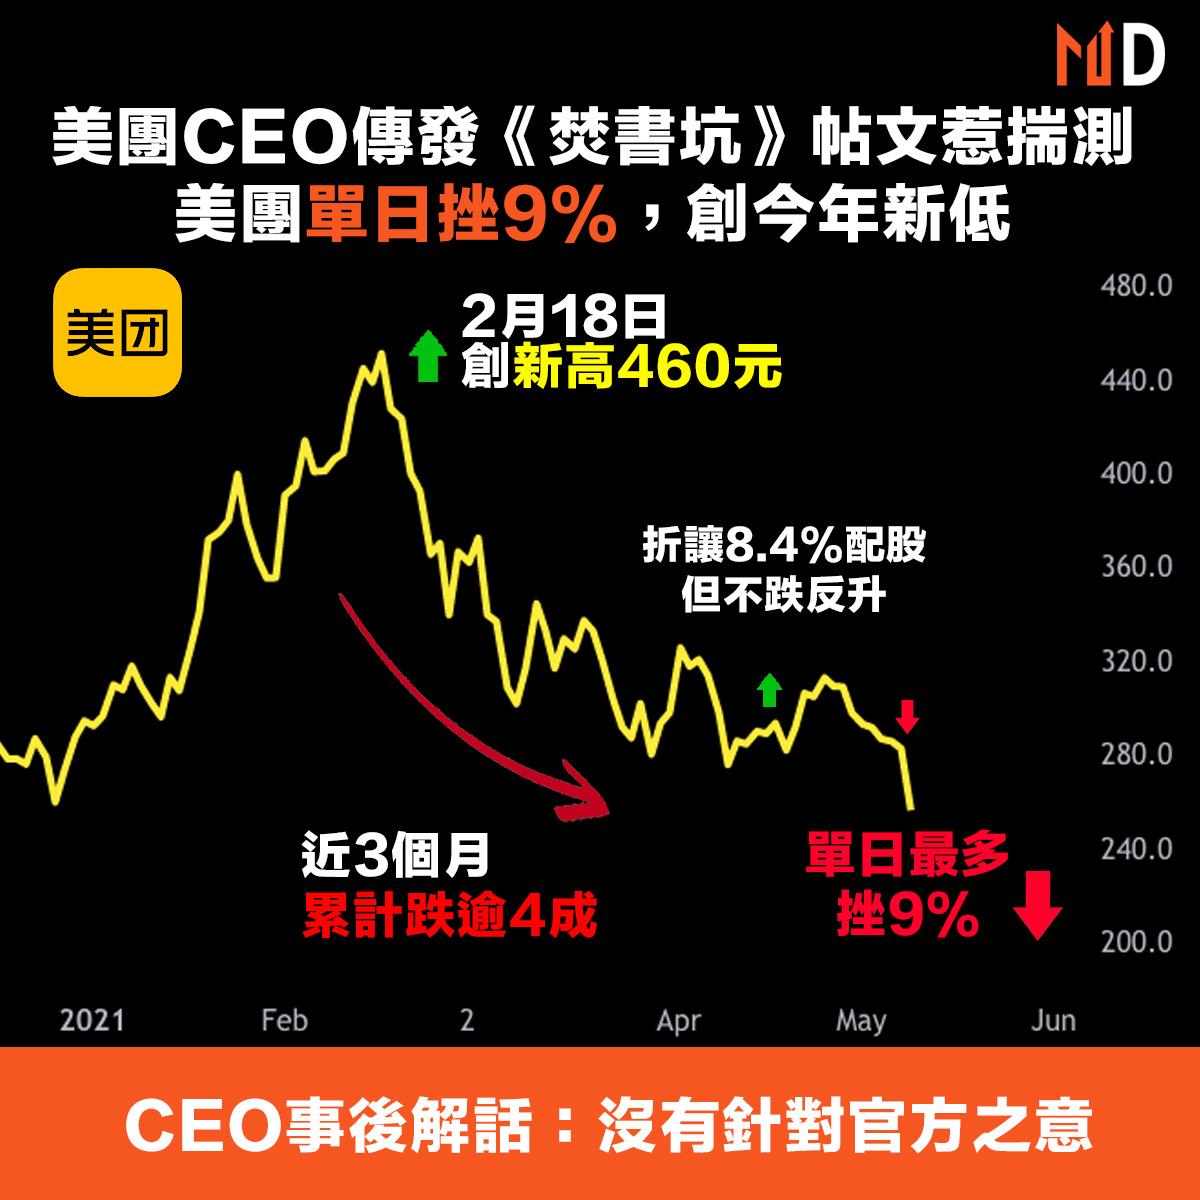 【市場熱話】美團CEO發《焚書坑》帖文惹揣測,美團今日挫9%,創一年新低